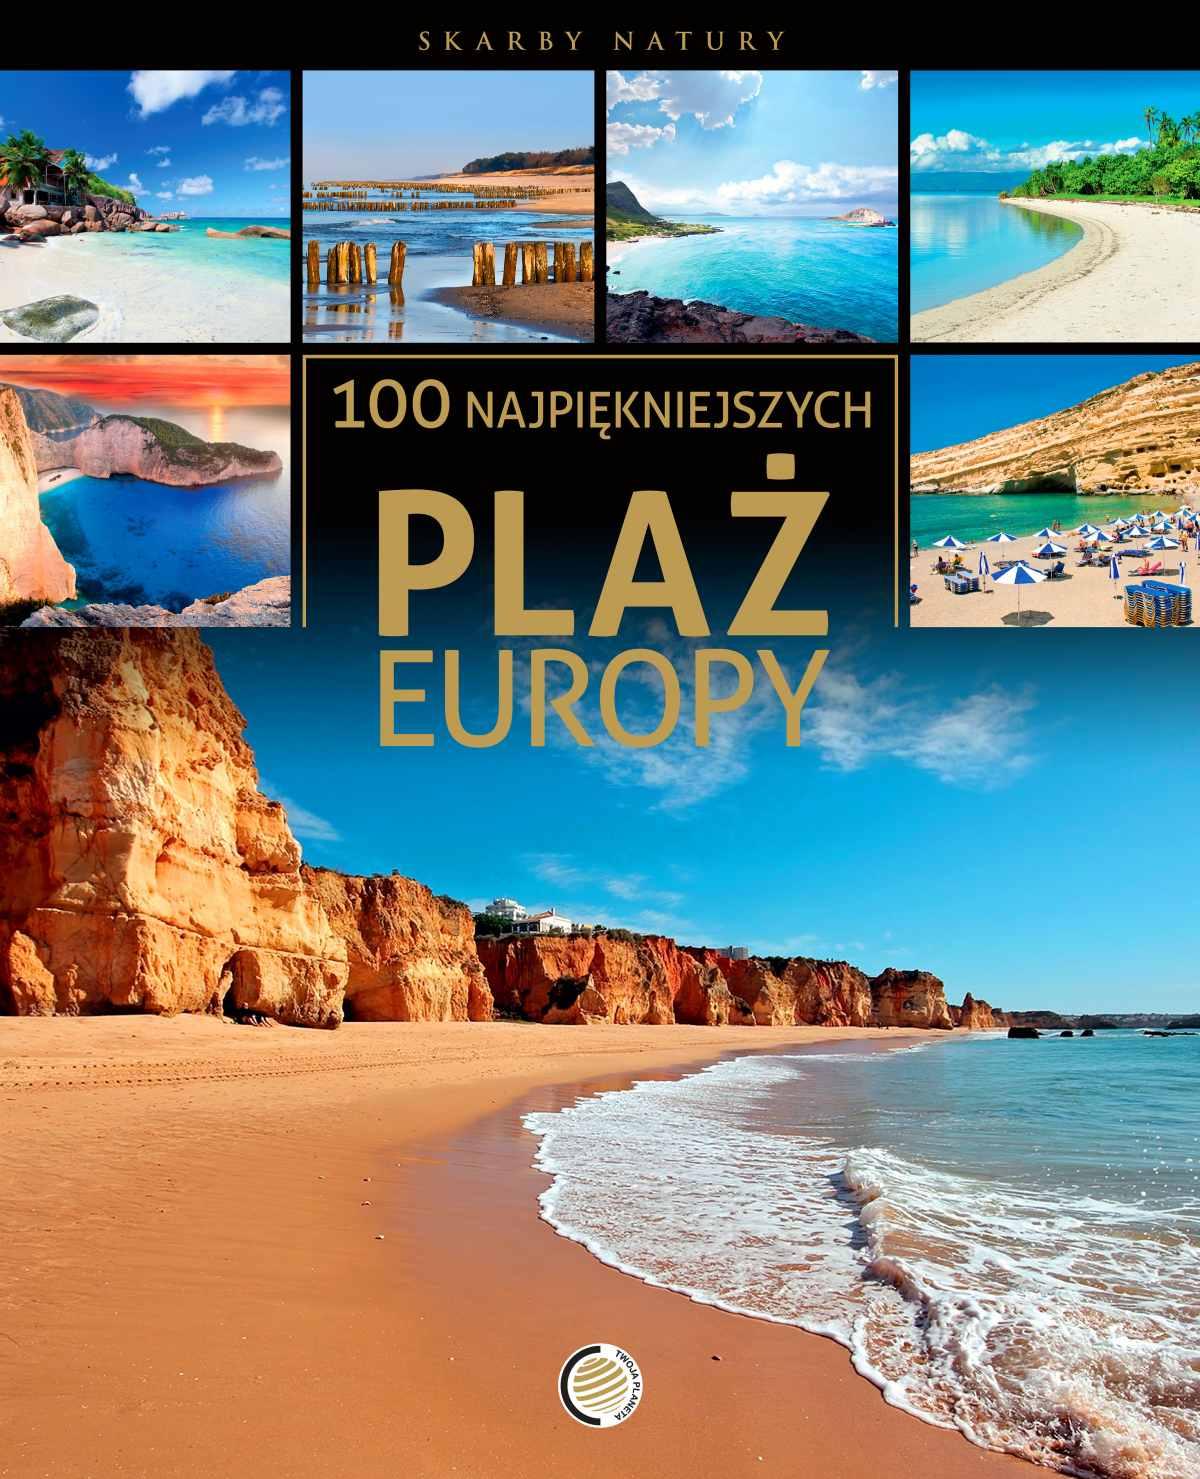 100 najpiękniejszych plaż Europy - Ebook (Książka PDF) do pobrania w formacie PDF